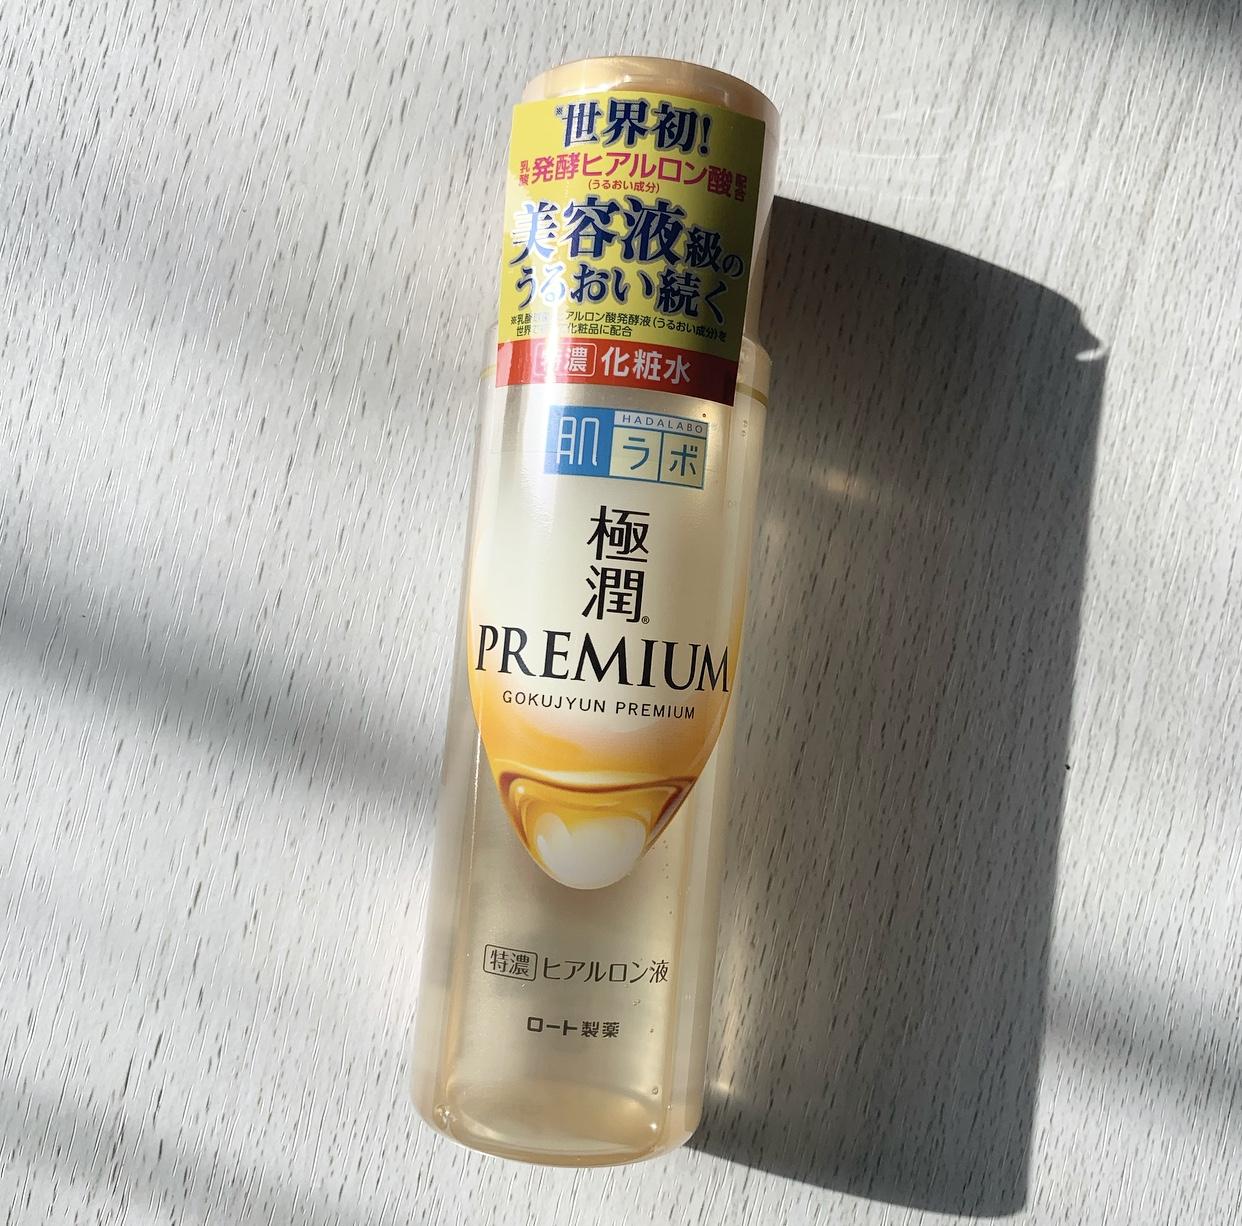 【8月31日発売!!!】肌ラボ 極潤プレミアムヒアルロン液を使ってみました⑅︎◡̈︎*_1